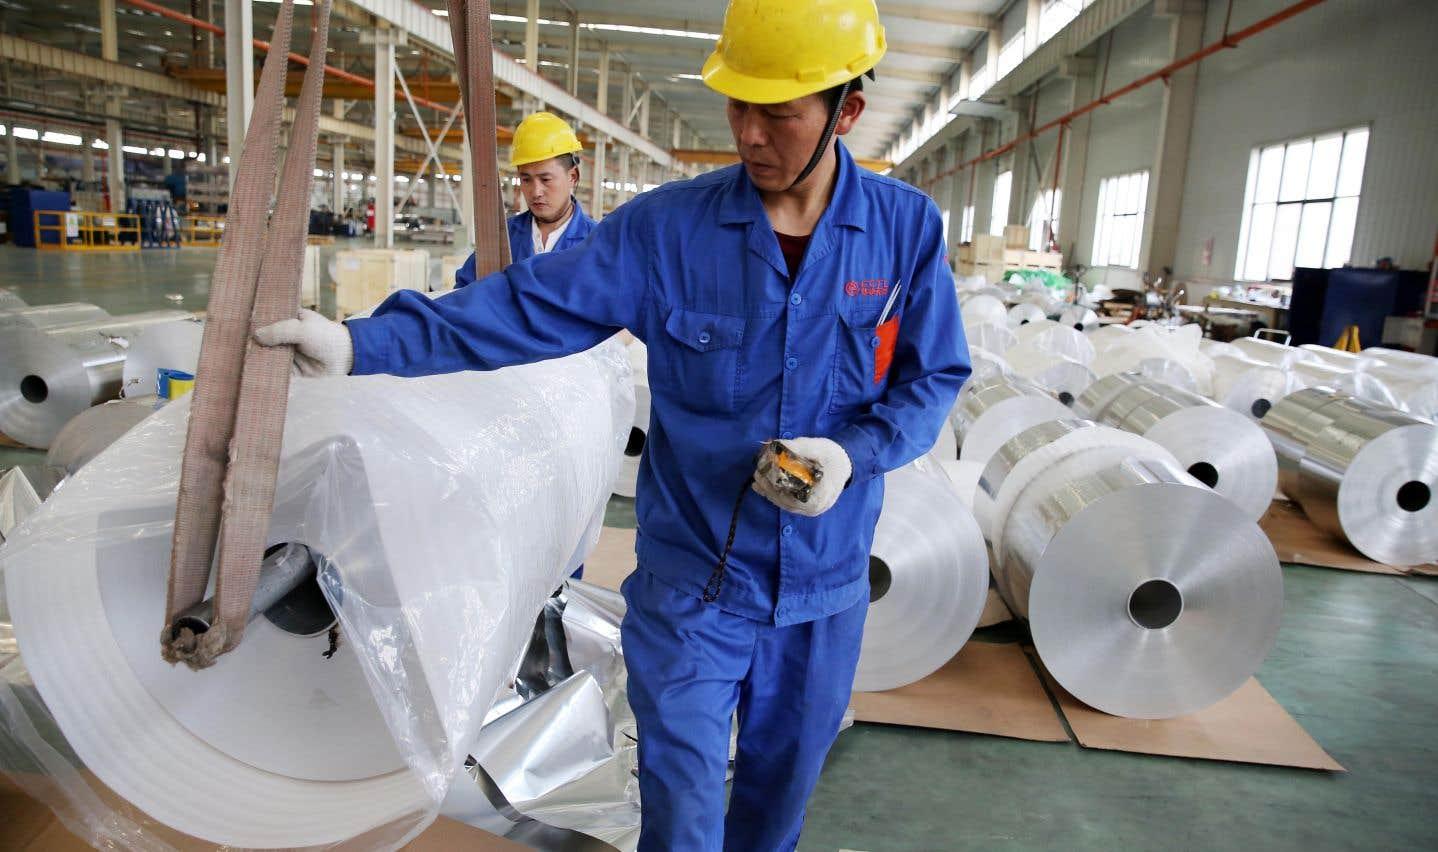 Le président américain a évoqué la possibilité d'imposer des droits de douane, voire des quotas d'importation dans le domaine de l'acier et de l'aluminium chinois.